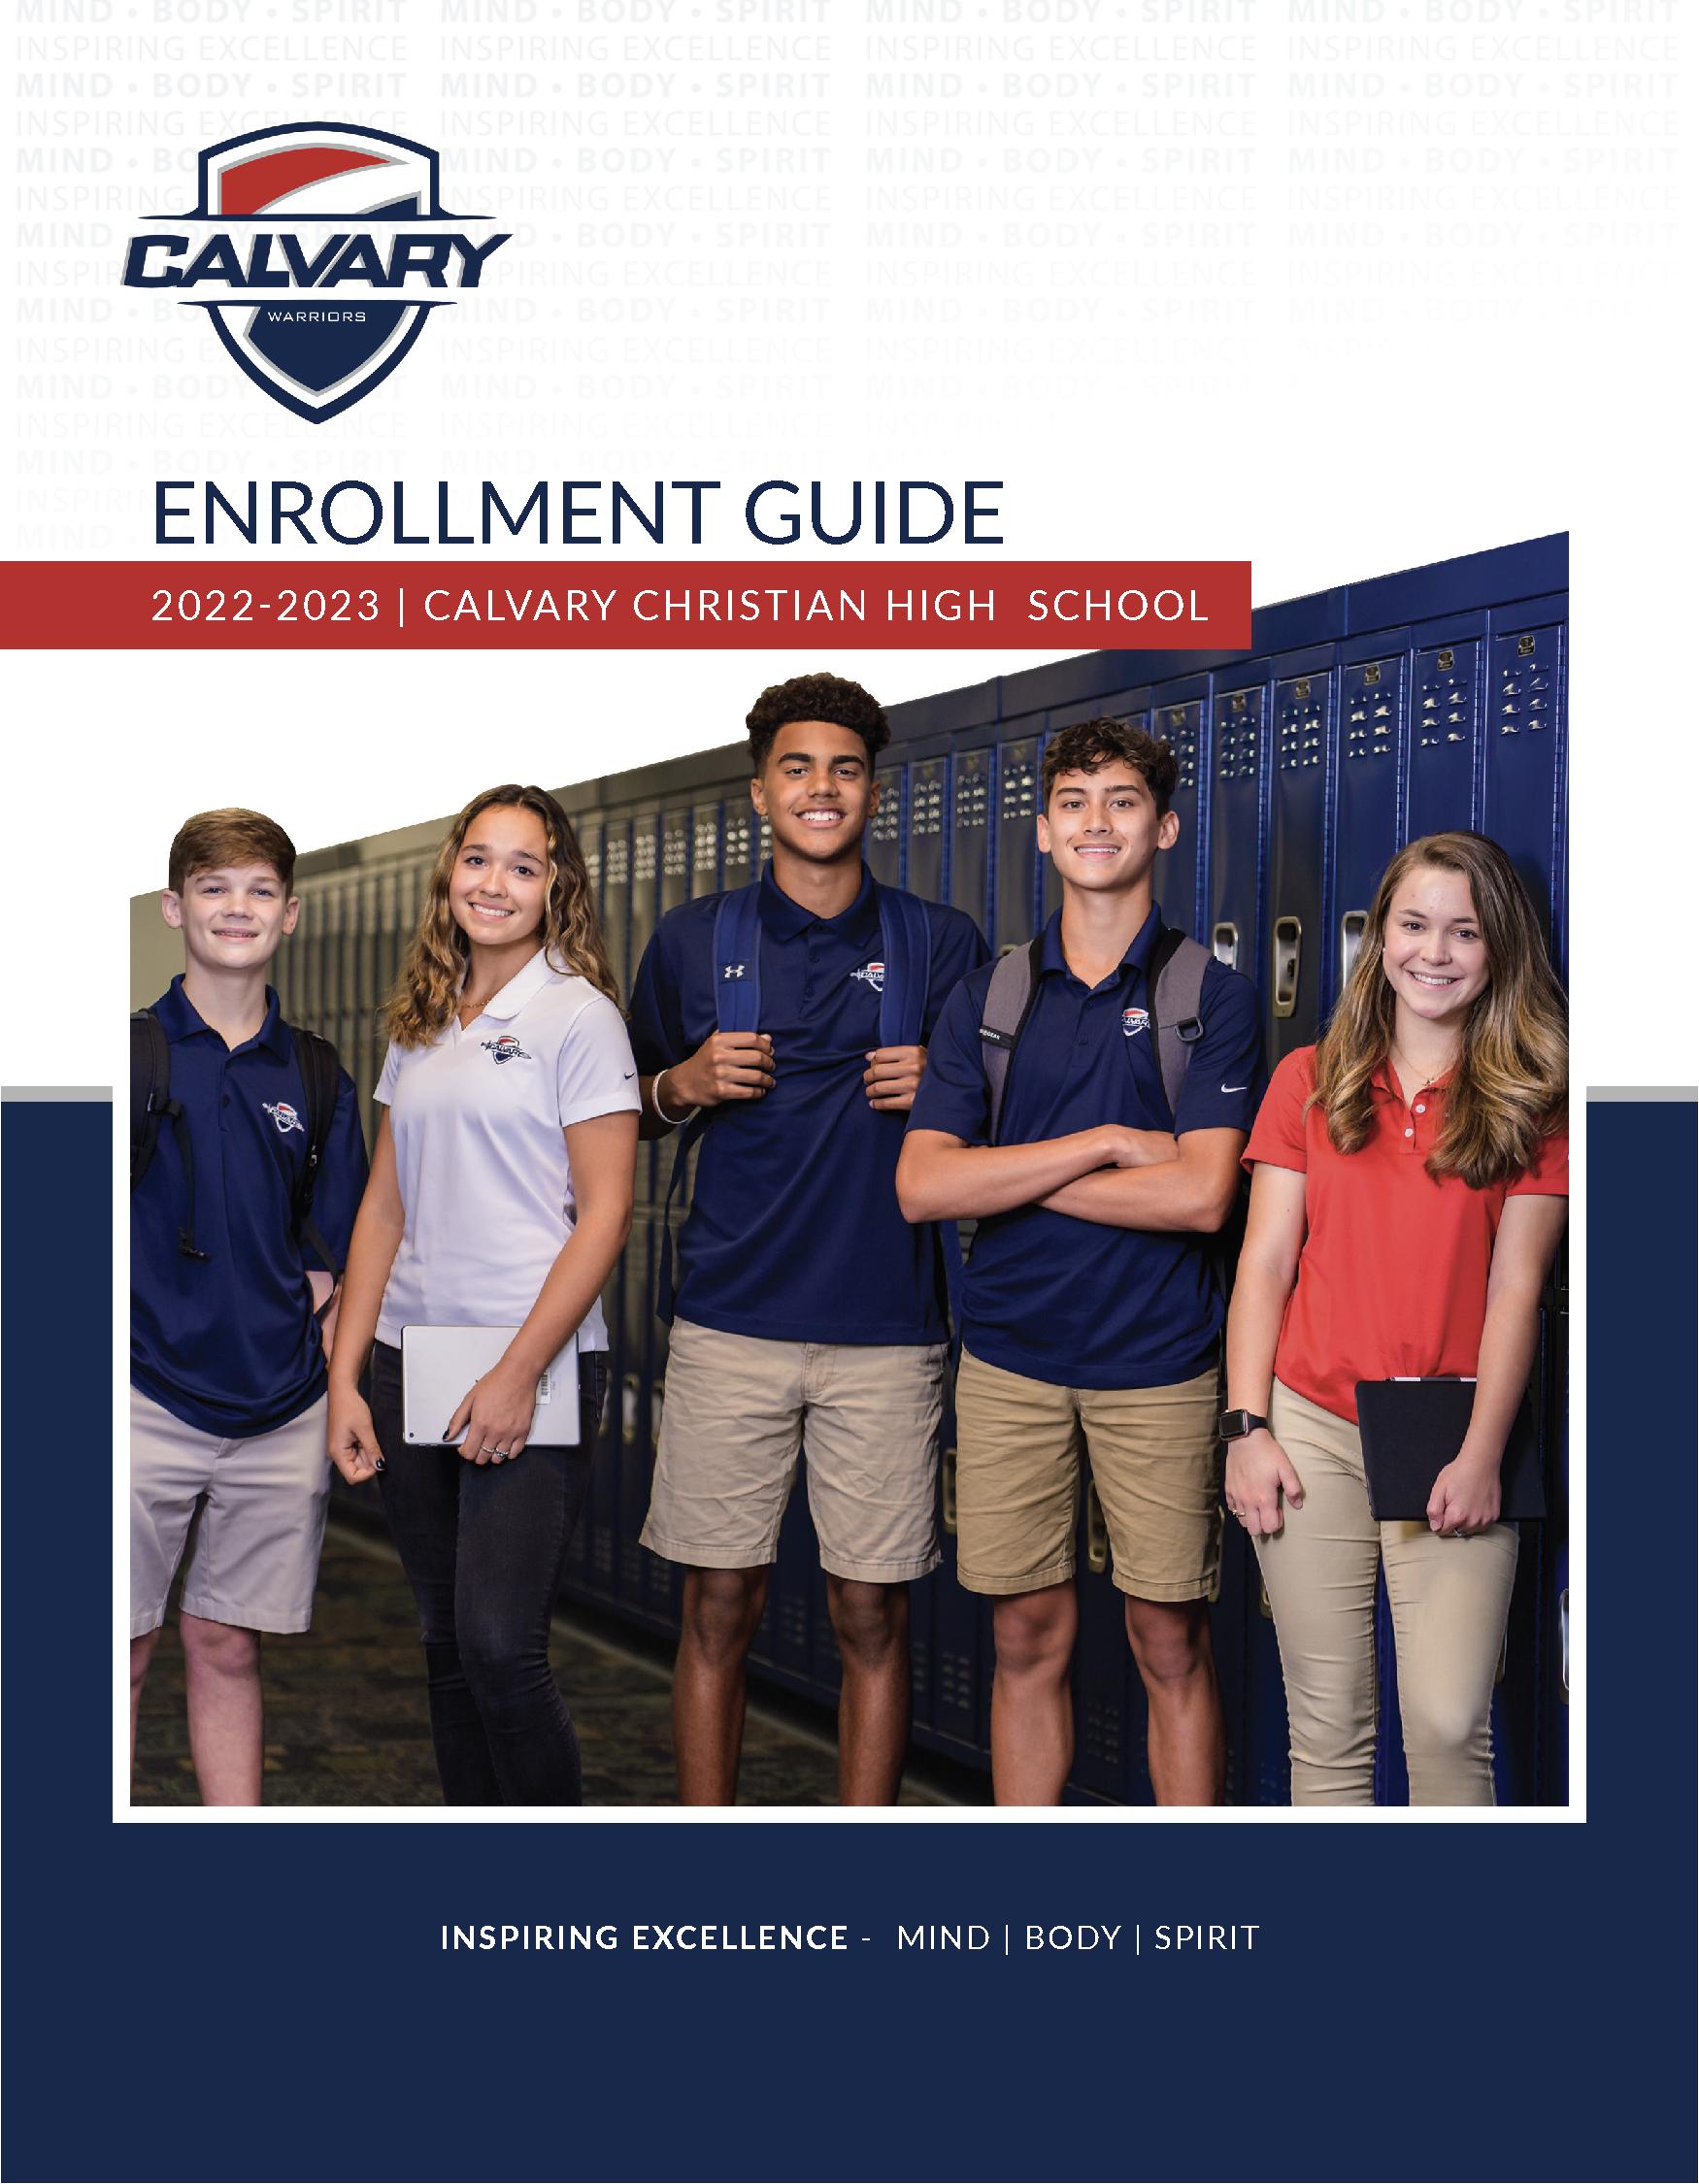 Enrollment Guide Image